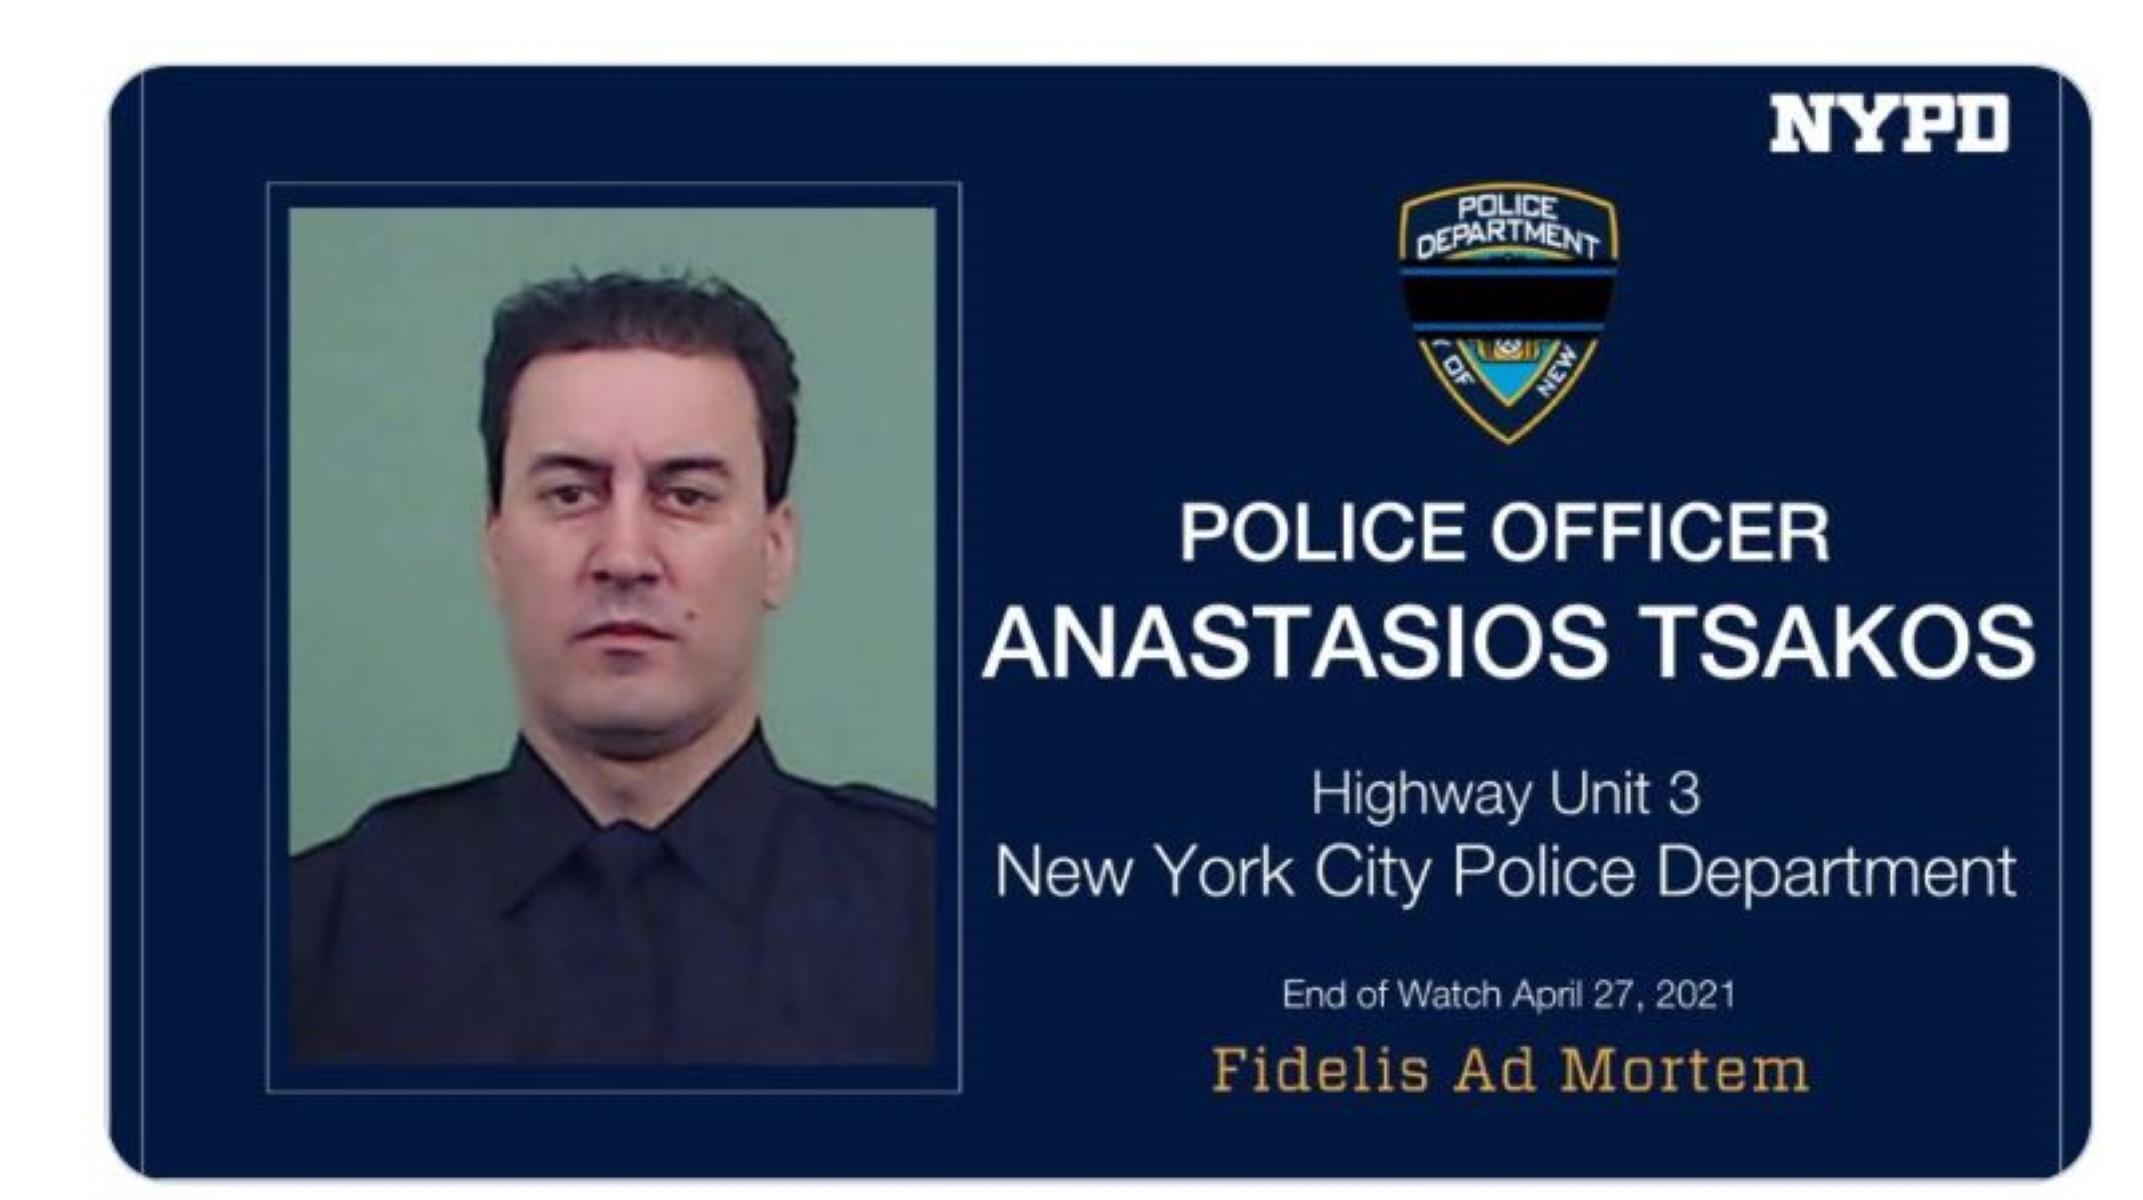 Τραγικός θάνατος Έλληνα αστυνομικού στη Νέα Υόρκη (video)